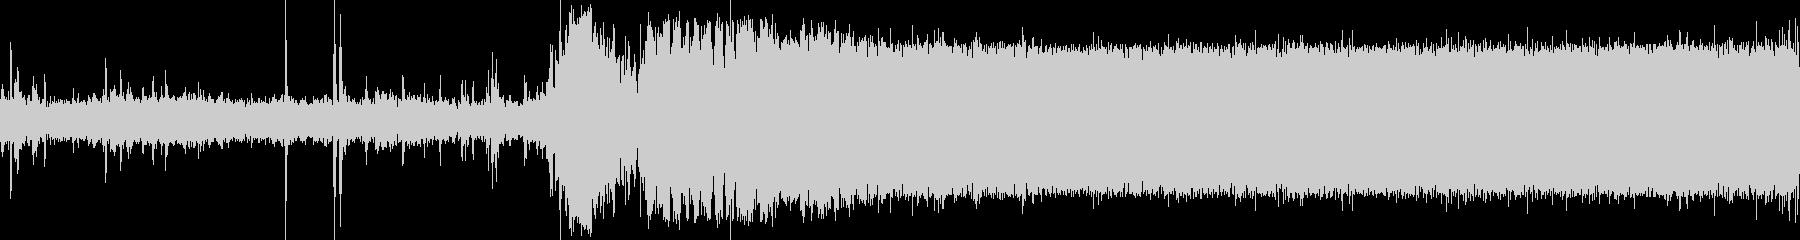 小型飛行機(セスナ)の始動音(アラスカ)の未再生の波形